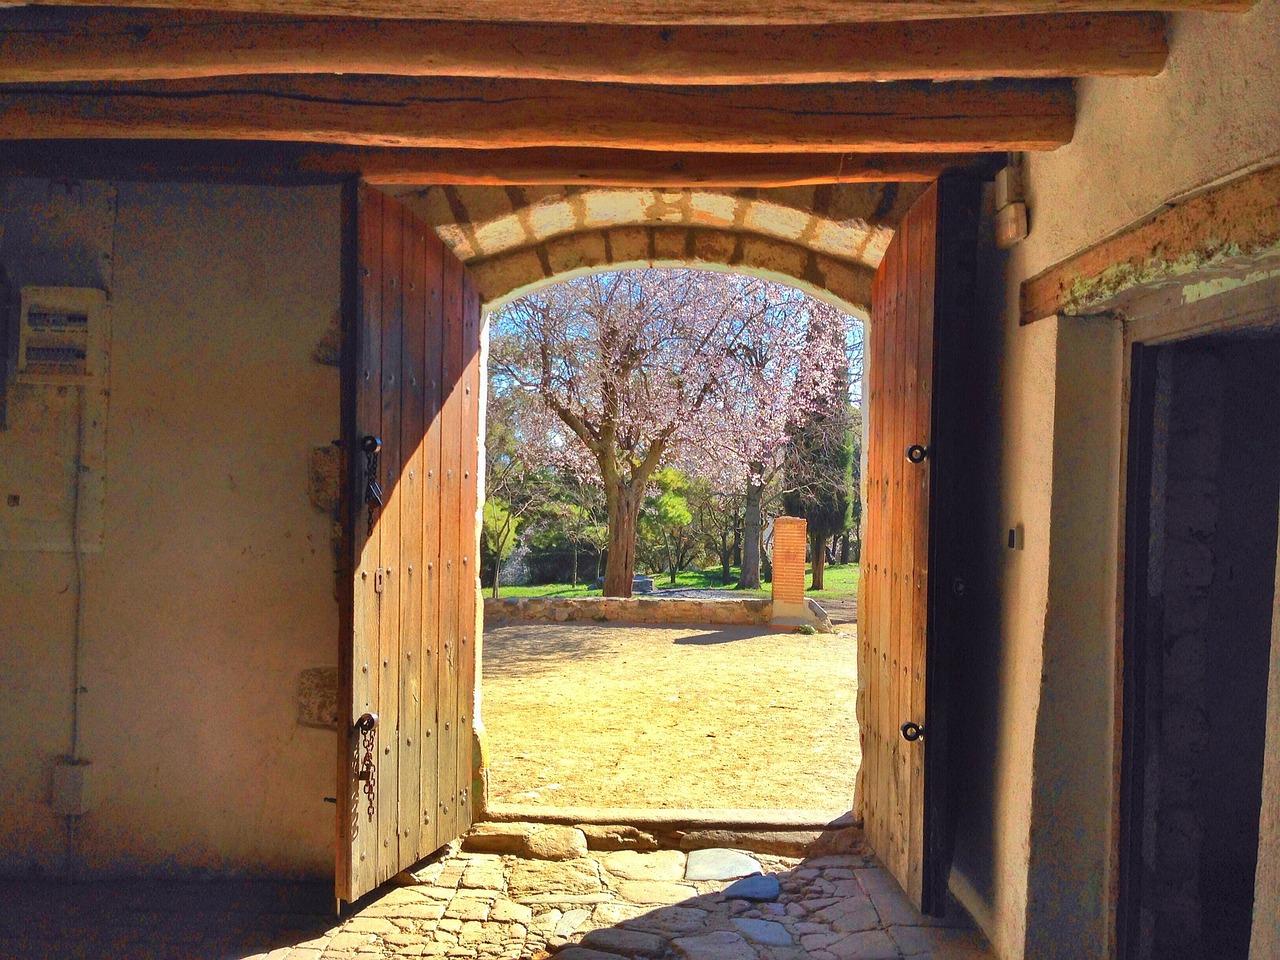 La Liguria investe nel turismo di qualità nel tempo del Covid-19